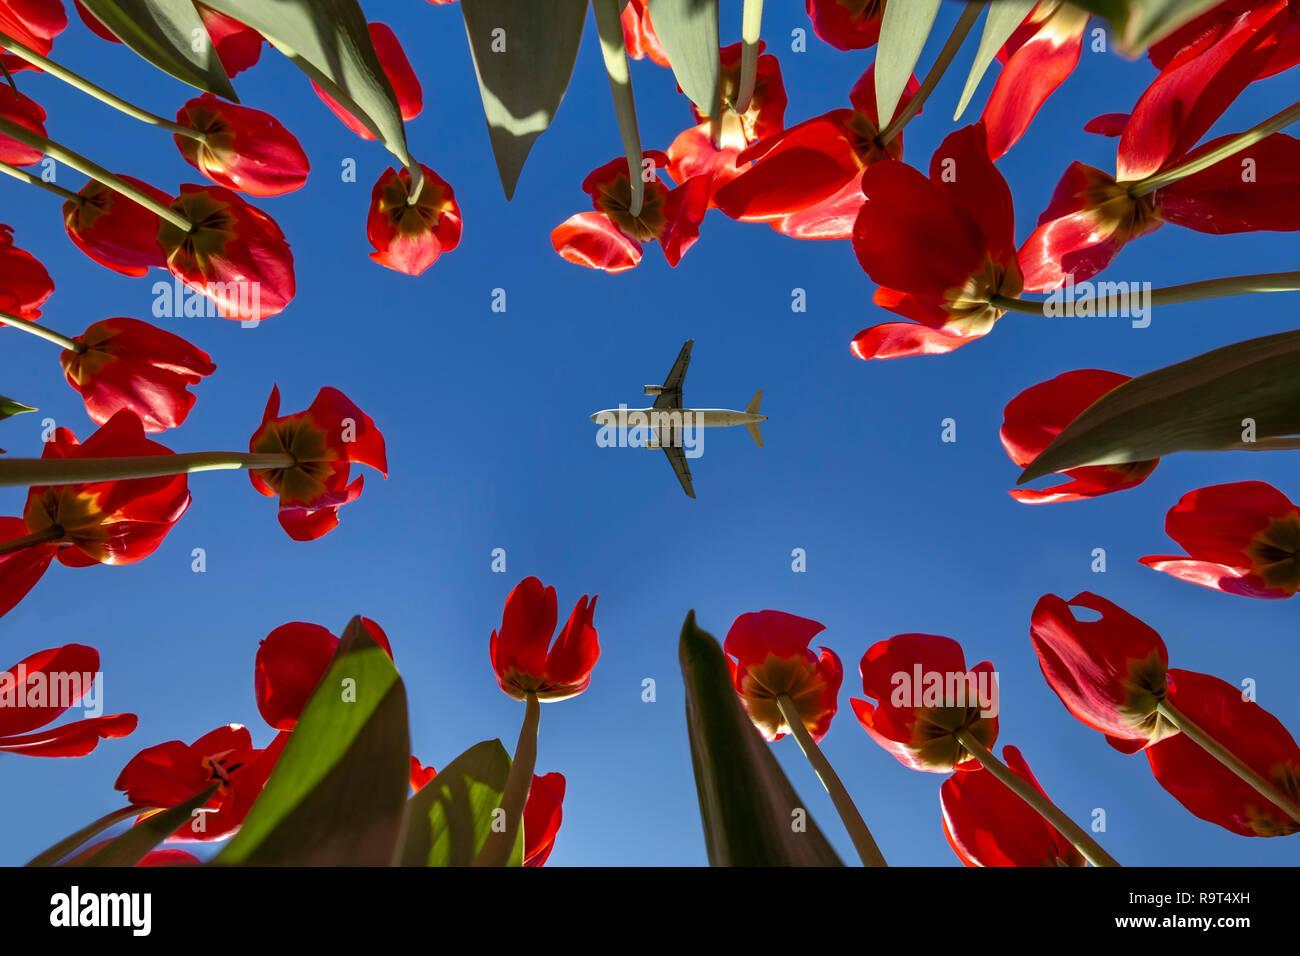 Avión que volaba en medio del ajuste concéntrico tulipanes rojos apuntando a un cielo azul sin nubes vivid muelle Imagen De Stock